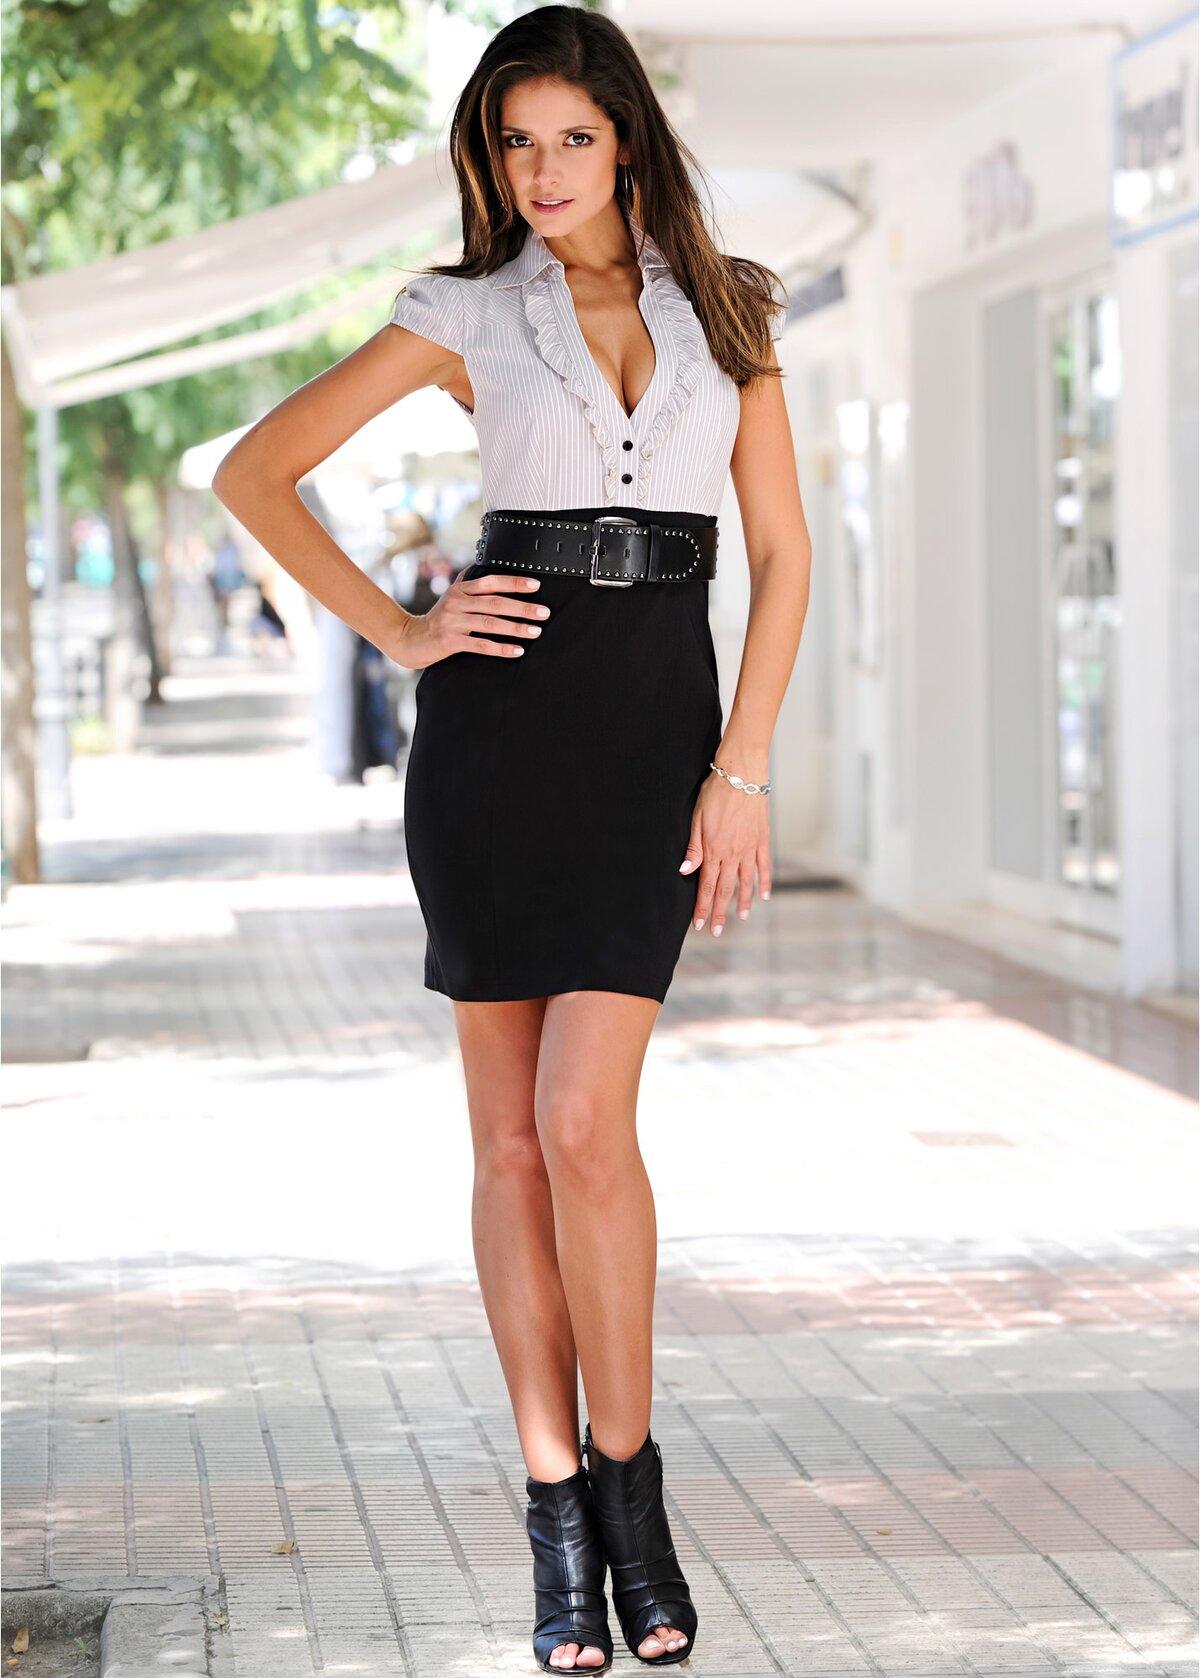 Участием актрисы фото девок в белых юбках прохожую